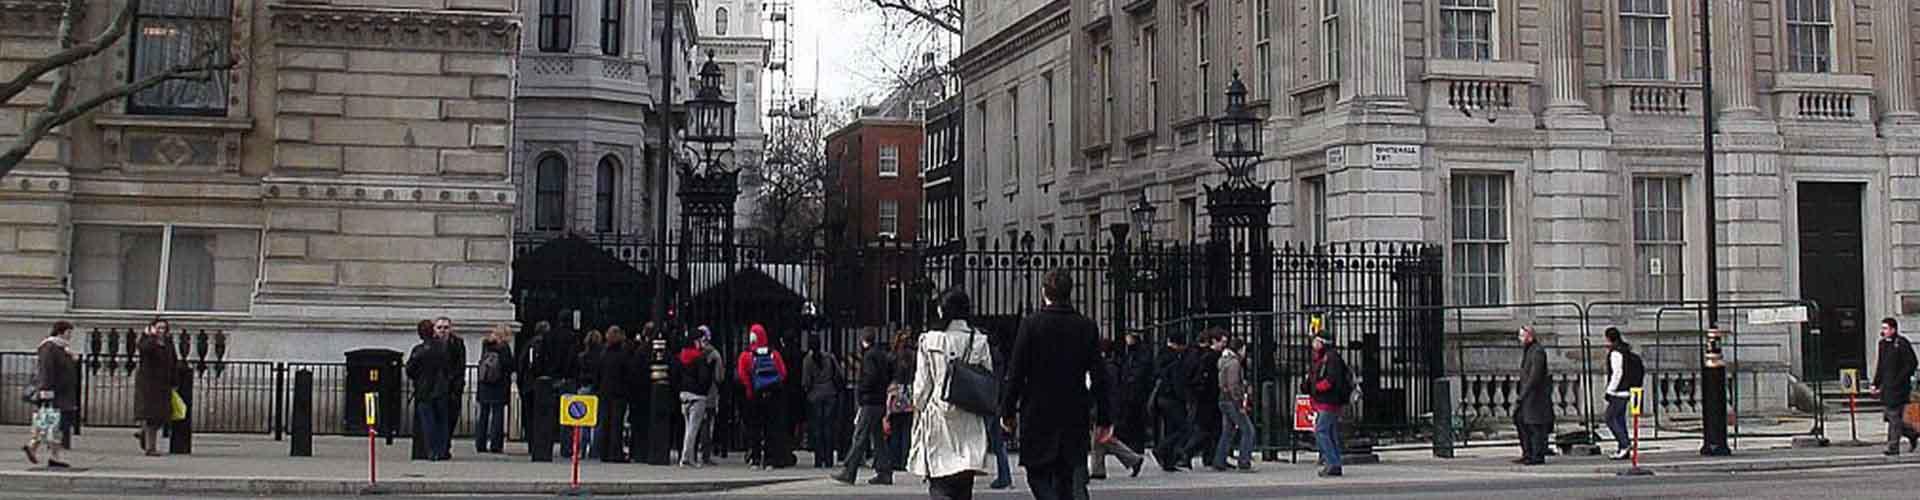 Londýn - Hostelů v blízkosti 10 Downing Street. Mapy pro Londýn, fotky a recenze pro každý hostel v Londýn.